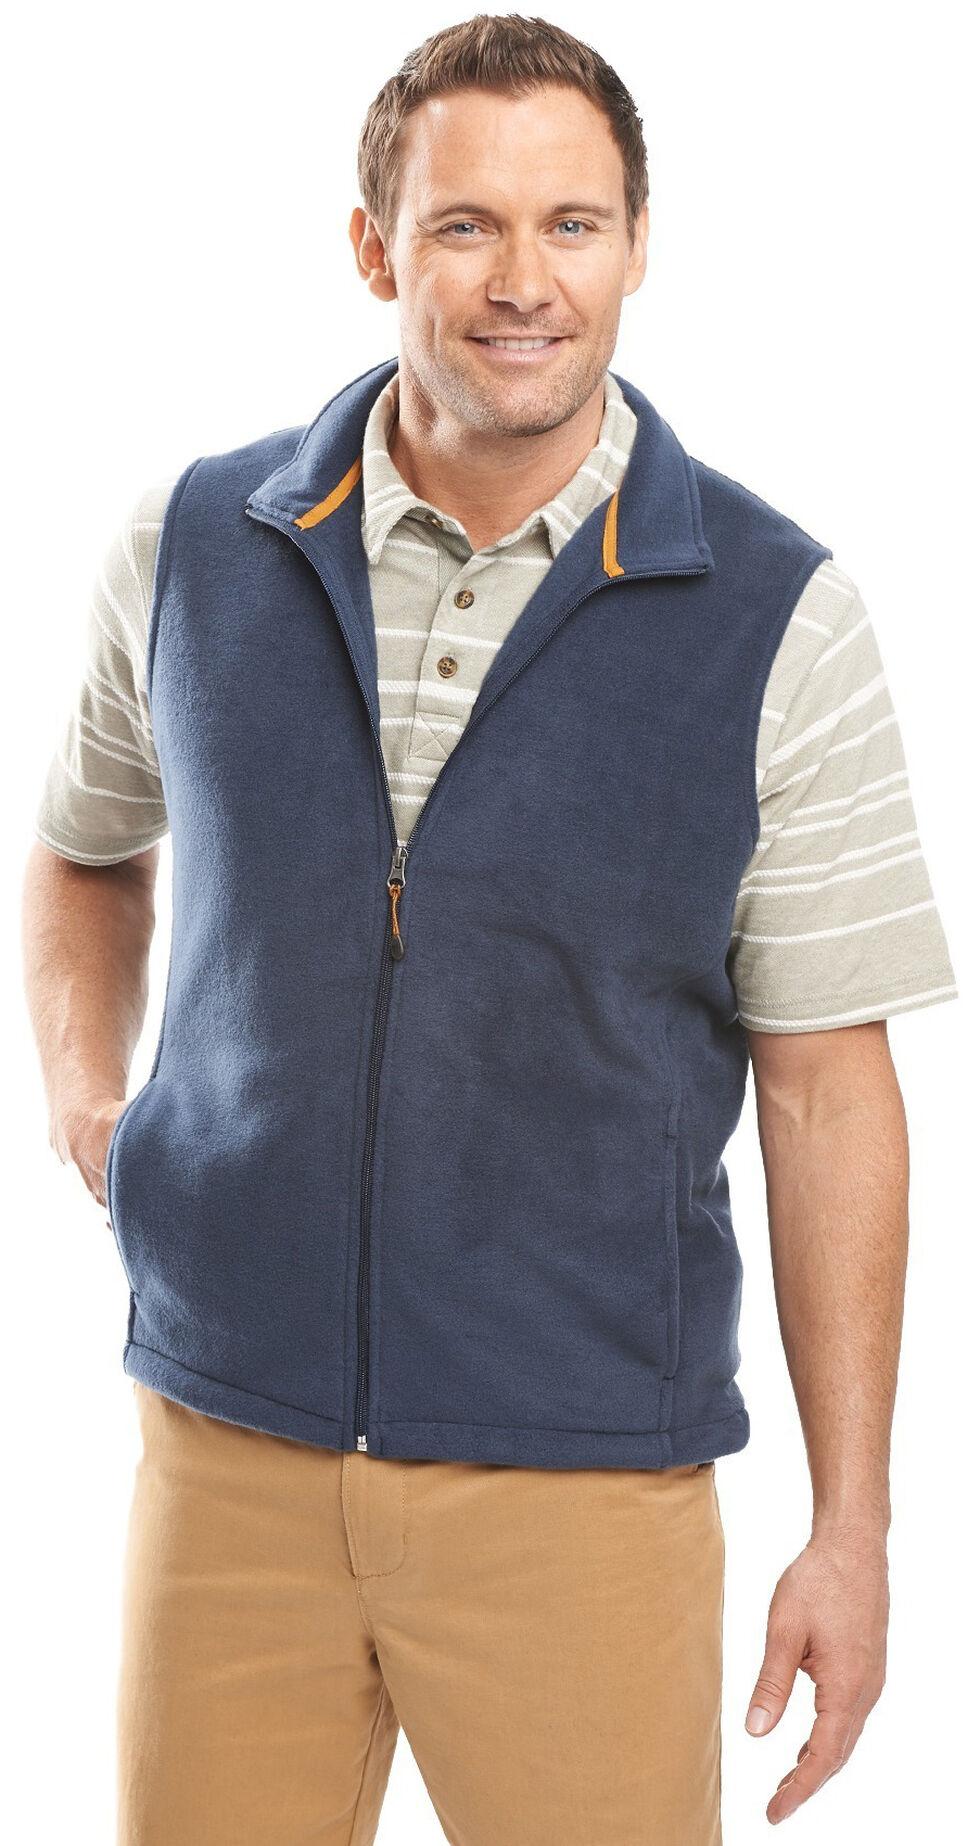 Woolrich Men's Andes II Fleece Vest, Indigo, hi-res